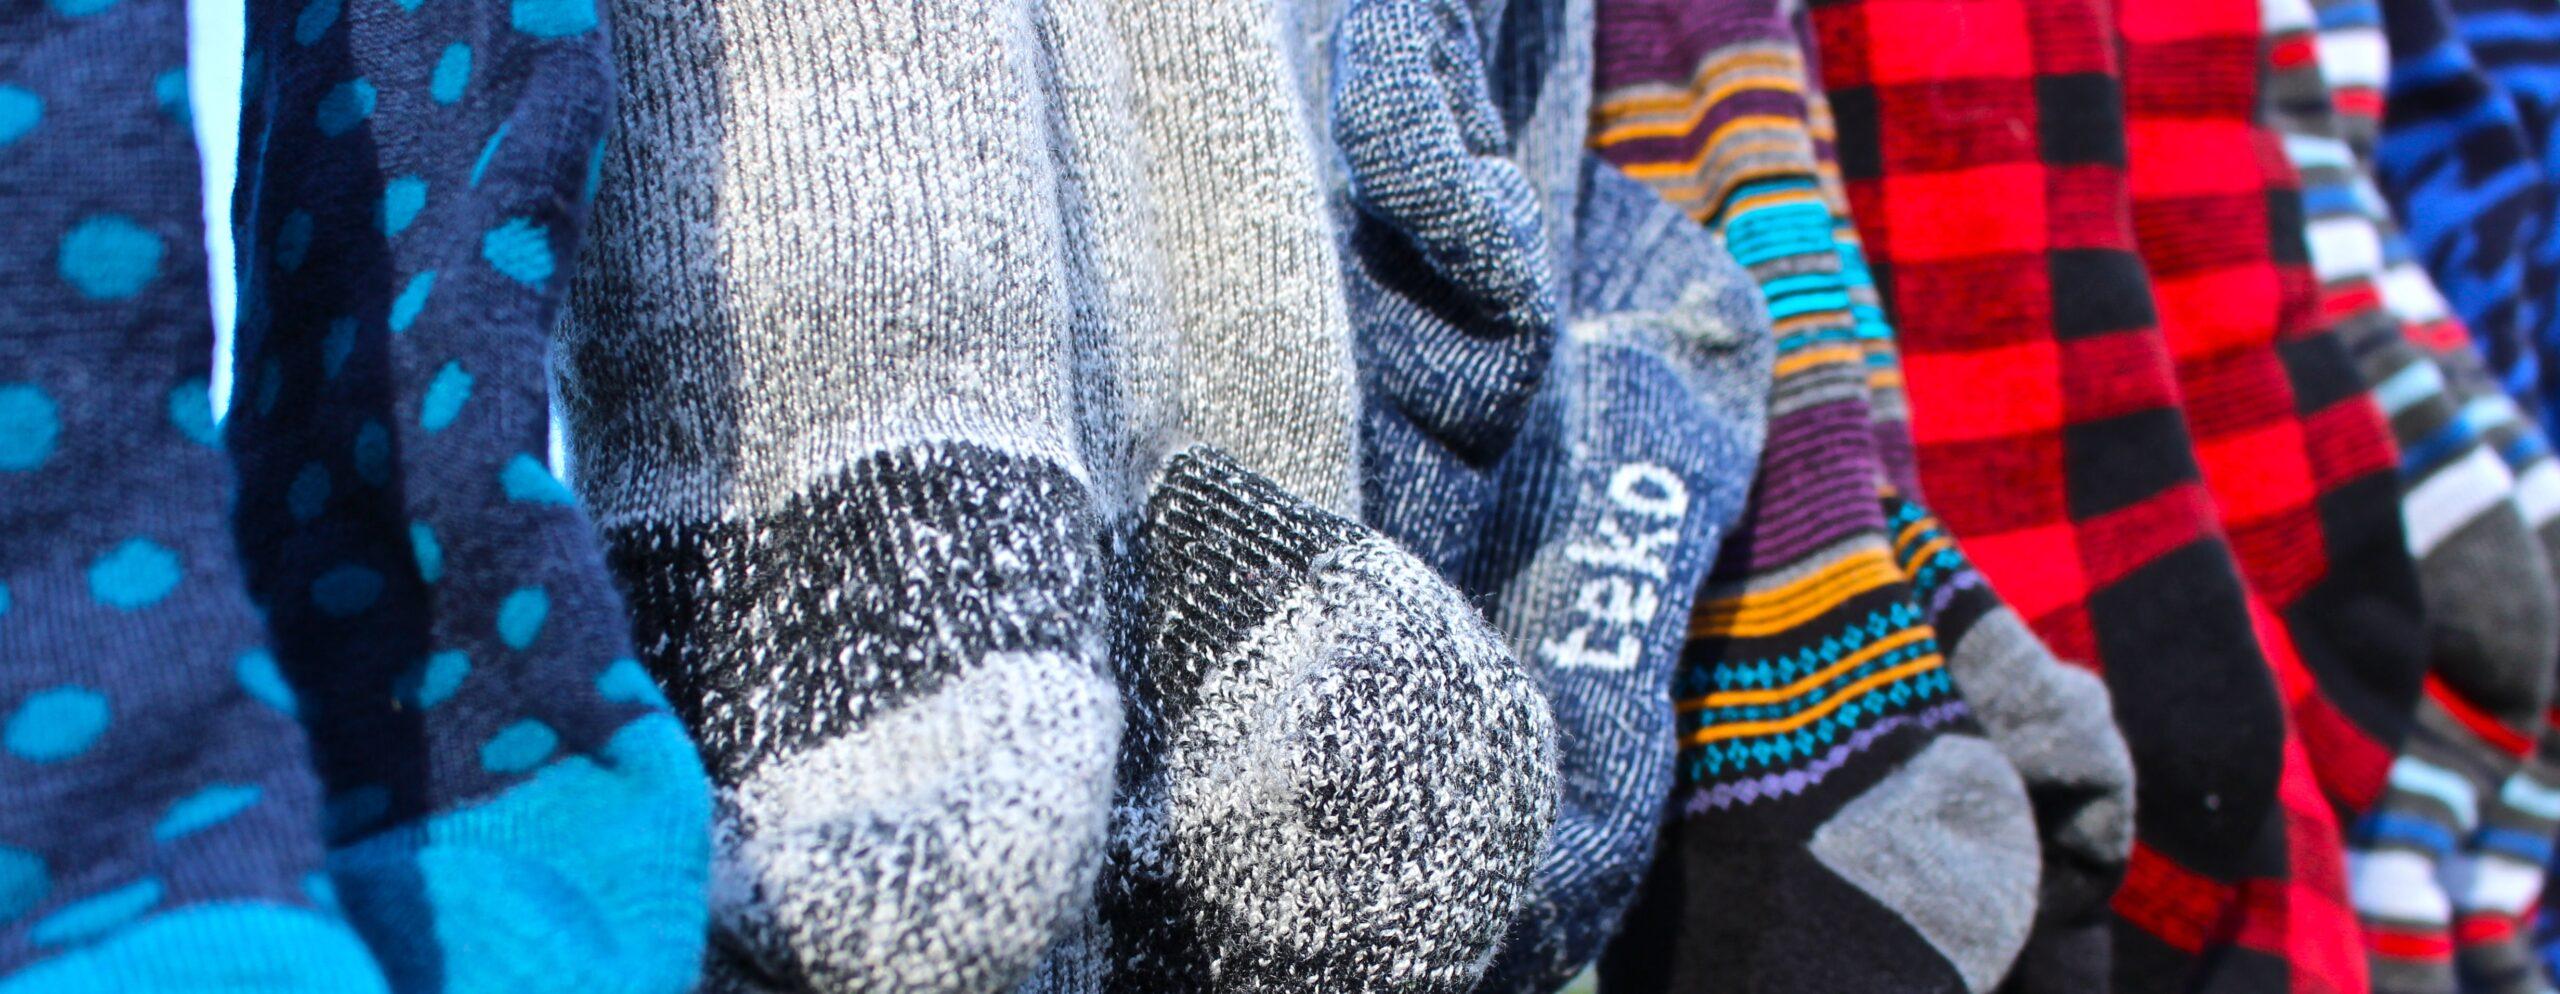 Kit Review: Teko Socks